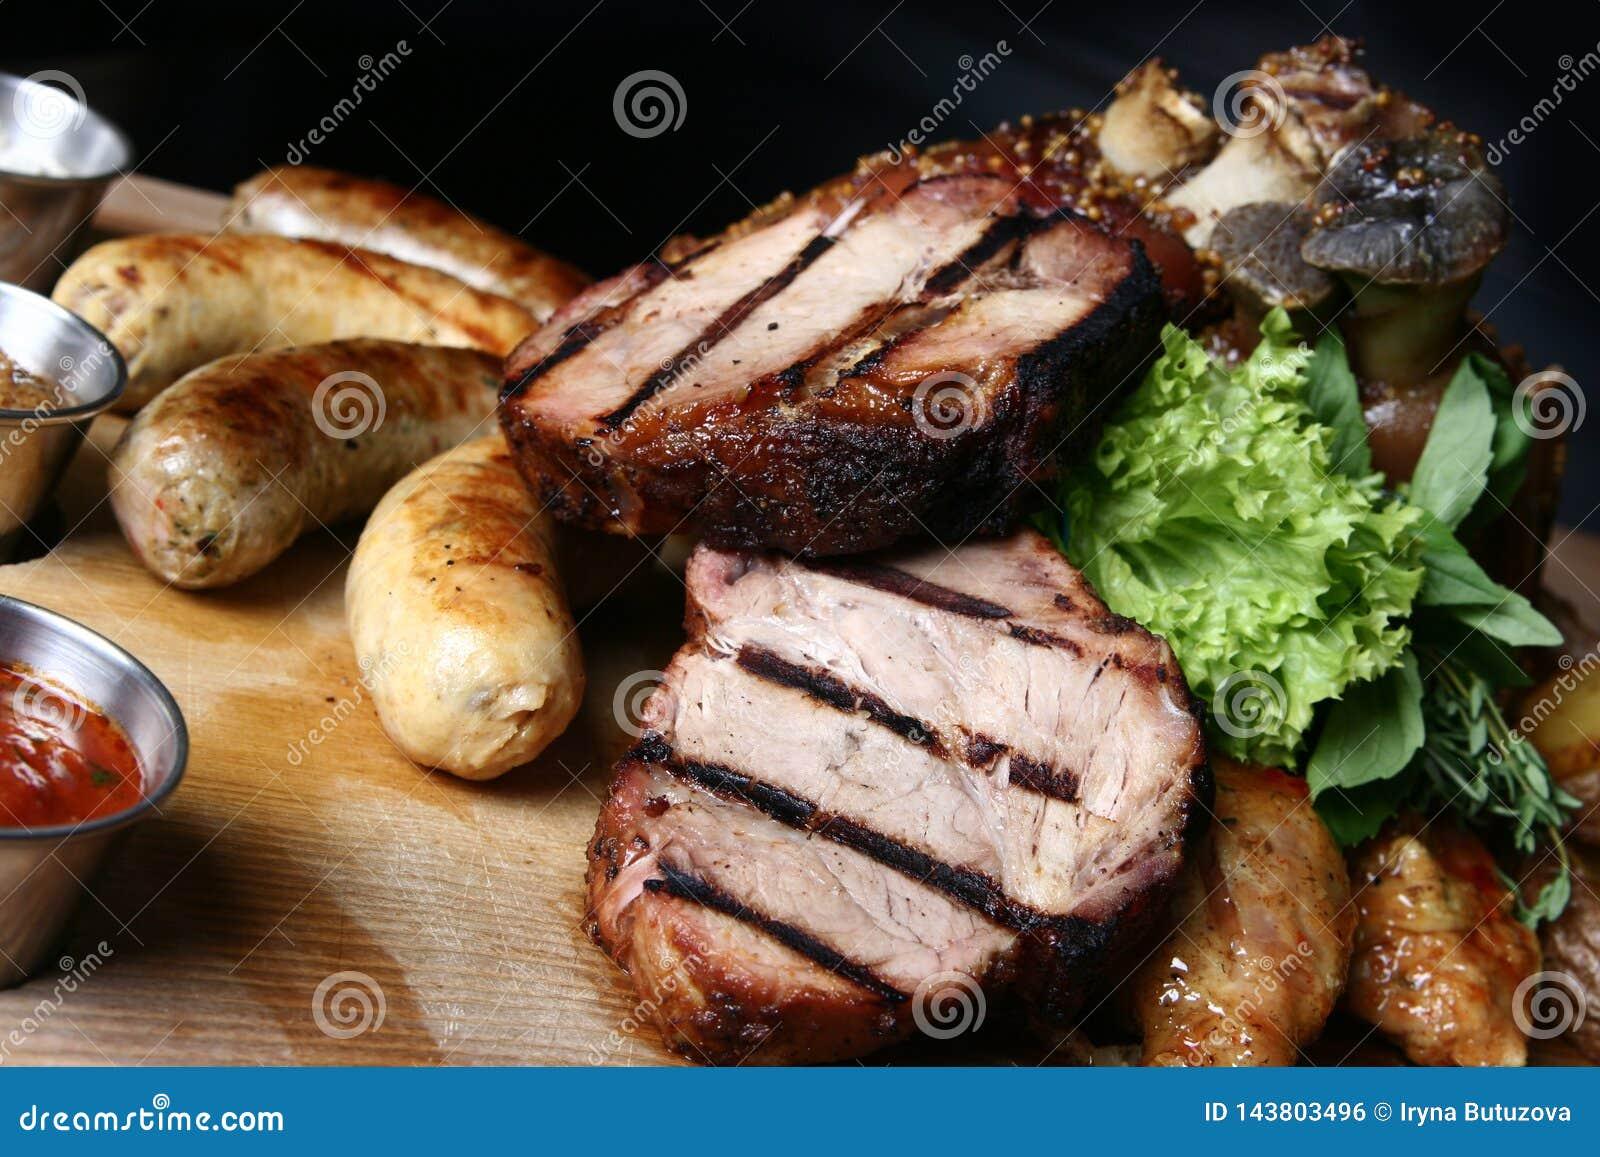 肉盘用牛排、猪肉指关节、自创香肠和被烘烤的土豆